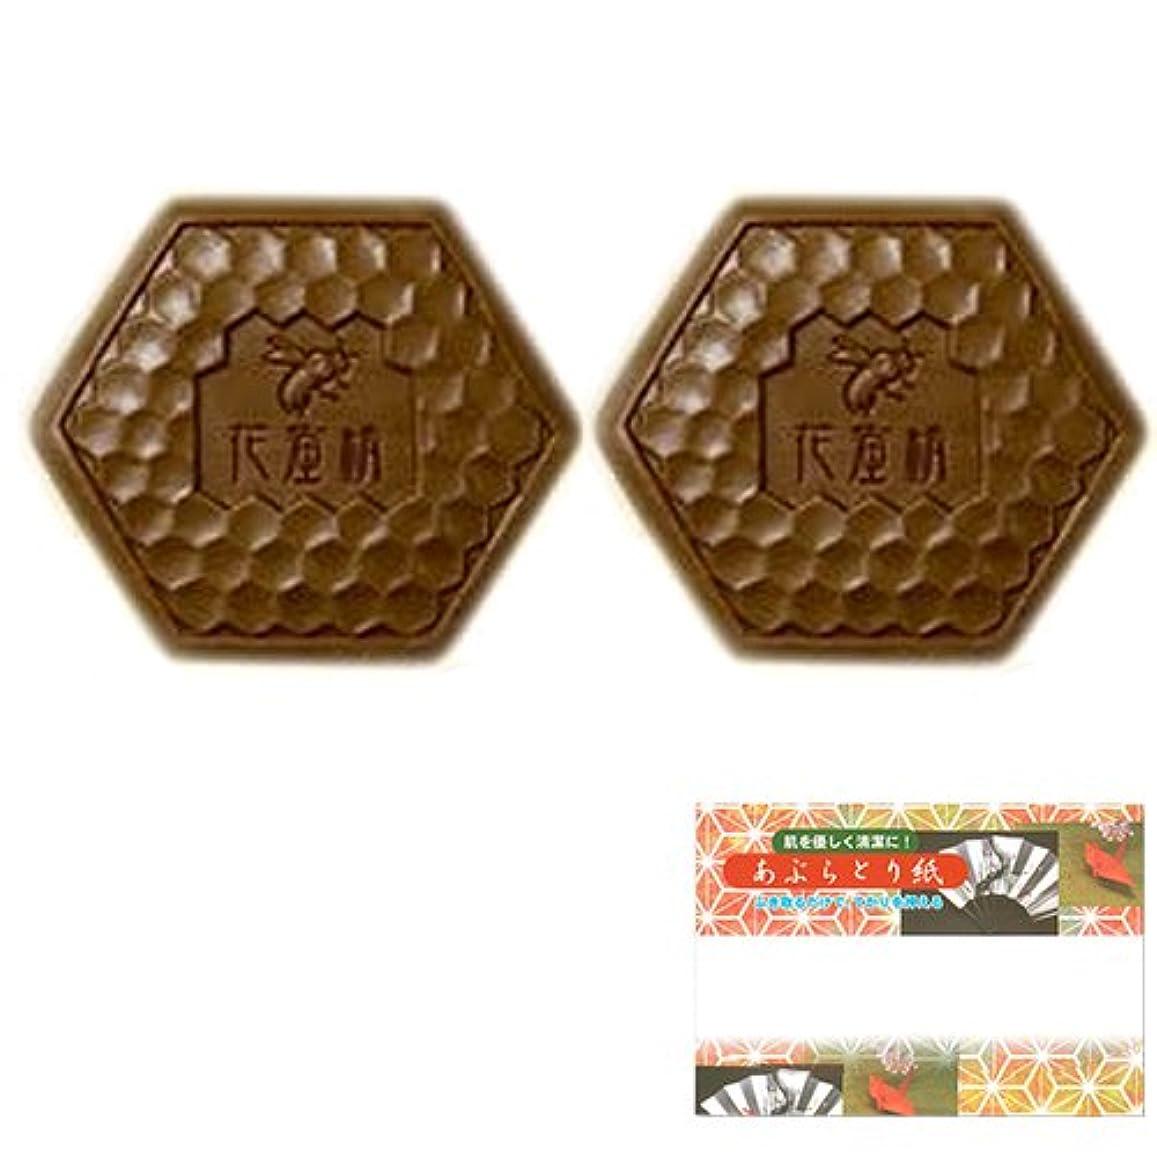 更新同じビリーヤギフェニックス 花蜜精(かみつせい) はちみつ クレンジングソープ 2個 + 高級あぶらとり紙セット